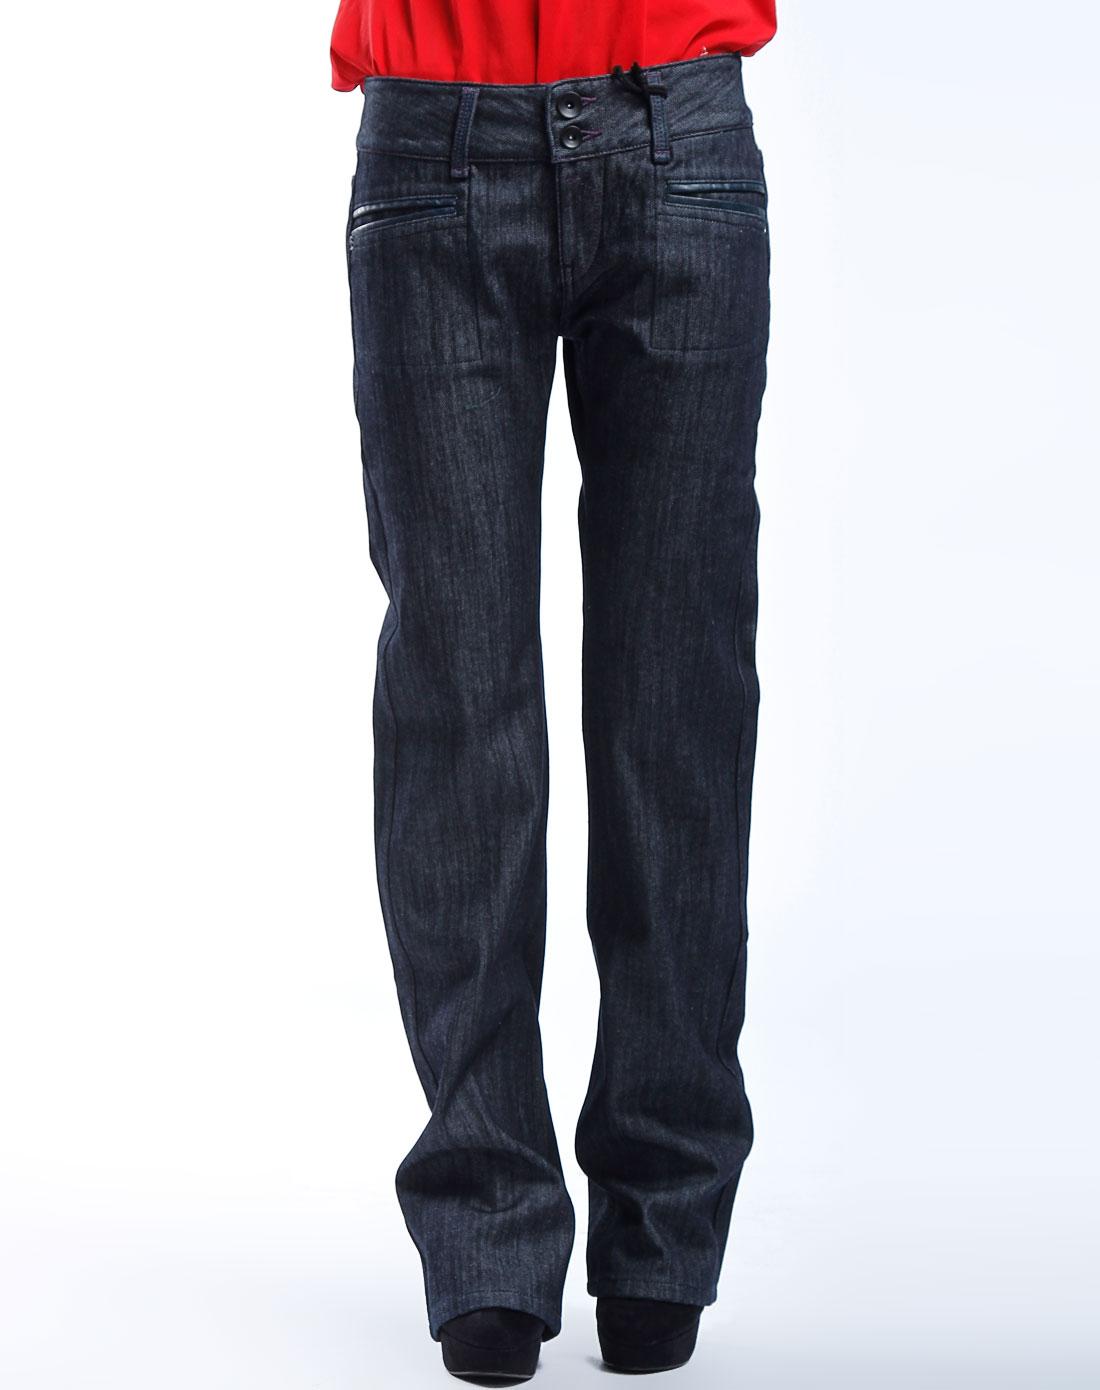 马克华菲灰黑色阔脚牛仔长裤